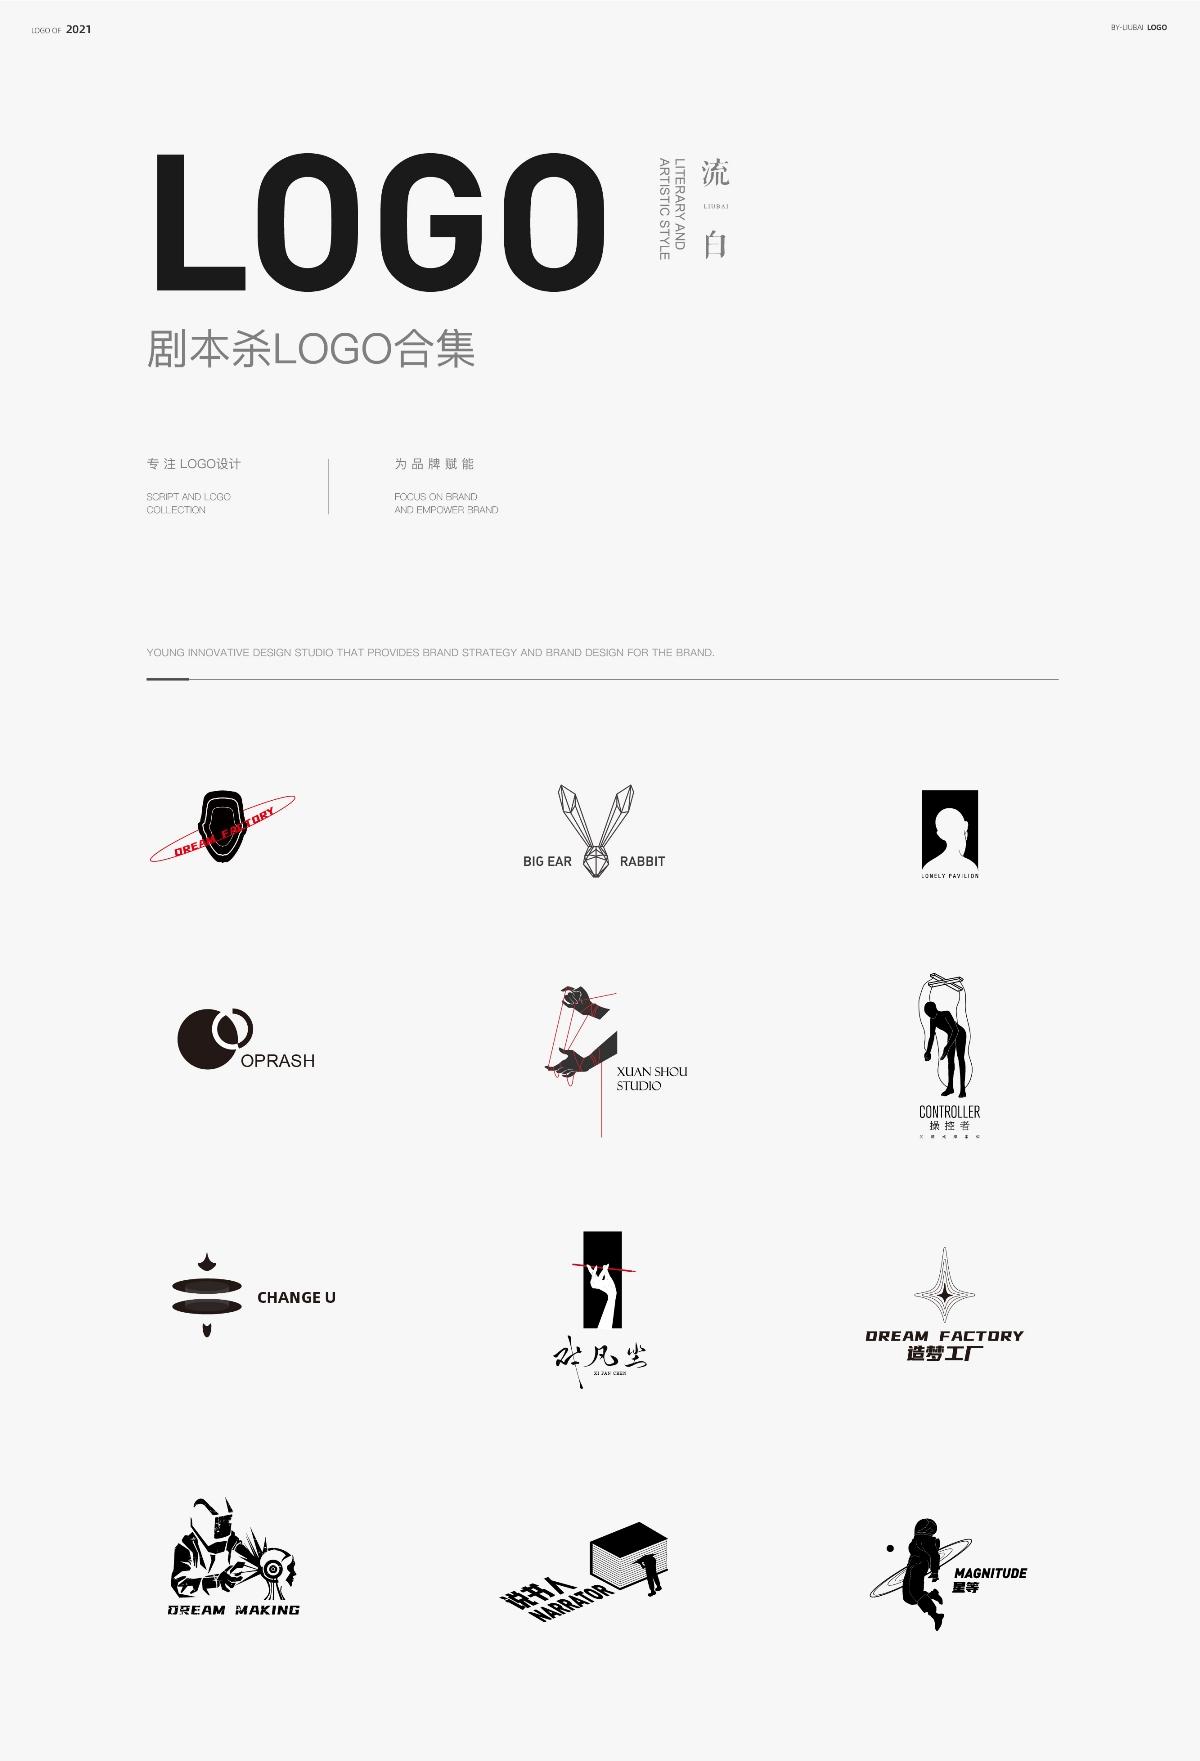 劇本殺logo設計